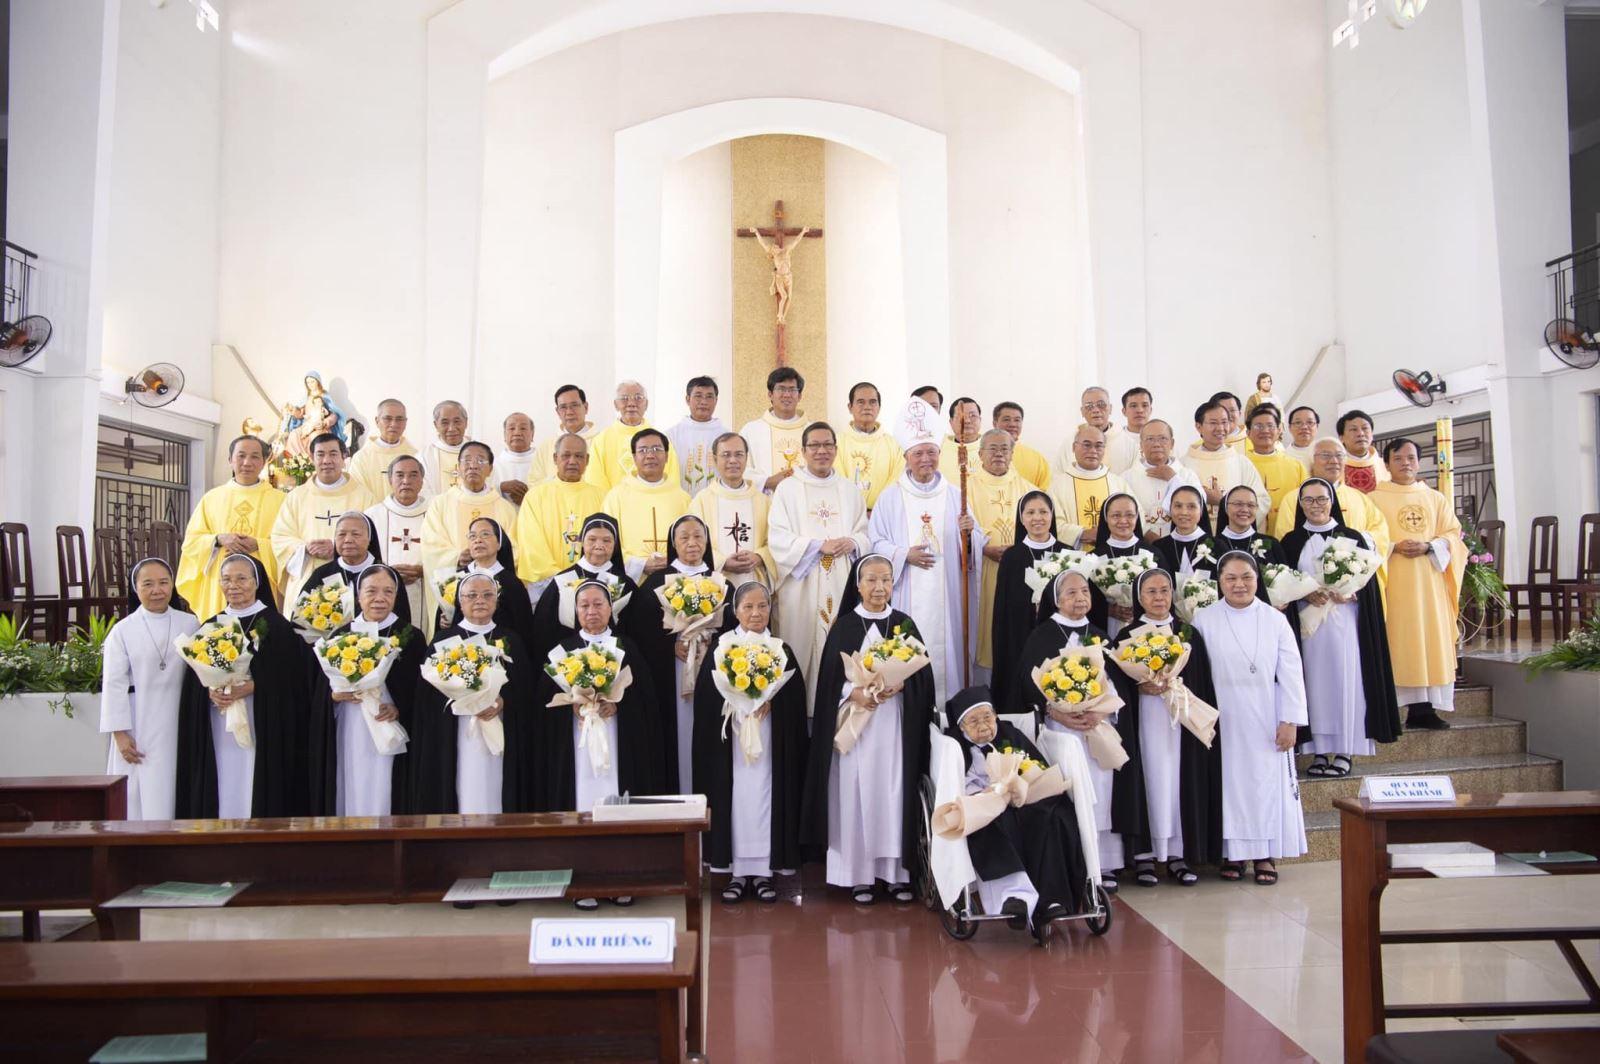 Thánh Lễ Tạ ơn mừng Ngọc Khánh, Kim Khánh và Ngân Khánh Khấn Dòng của quý Chị